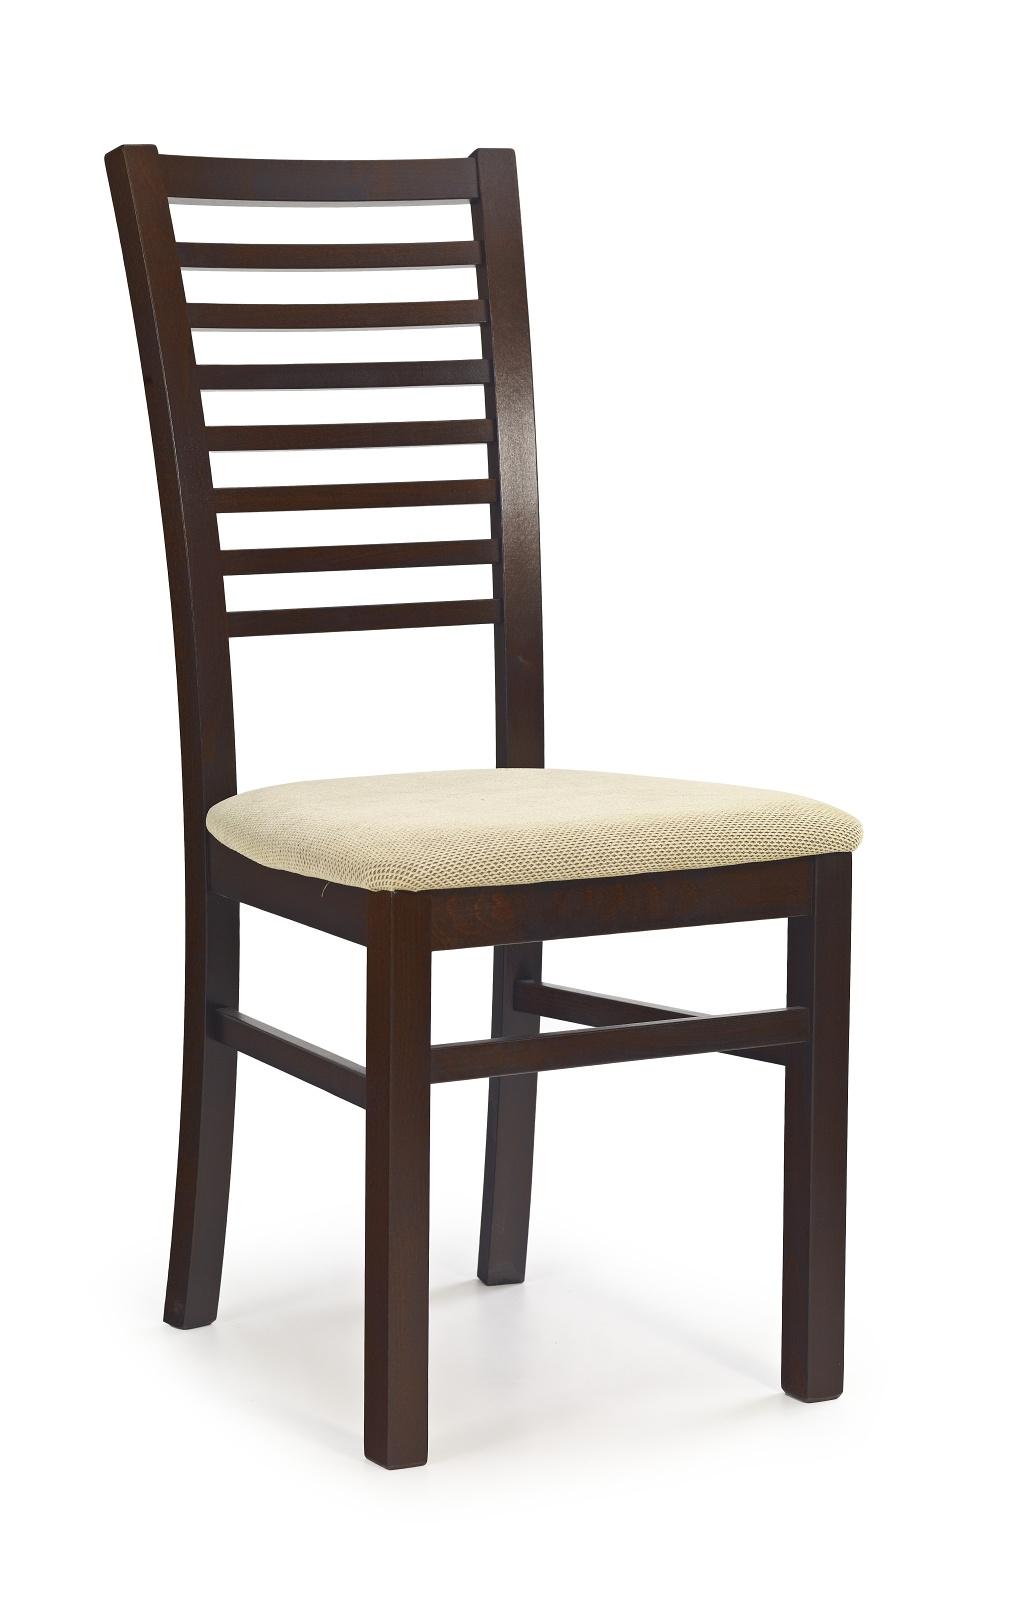 Jídelní židle - Halmar - Gerard 6 Ořech tmavý + béžová